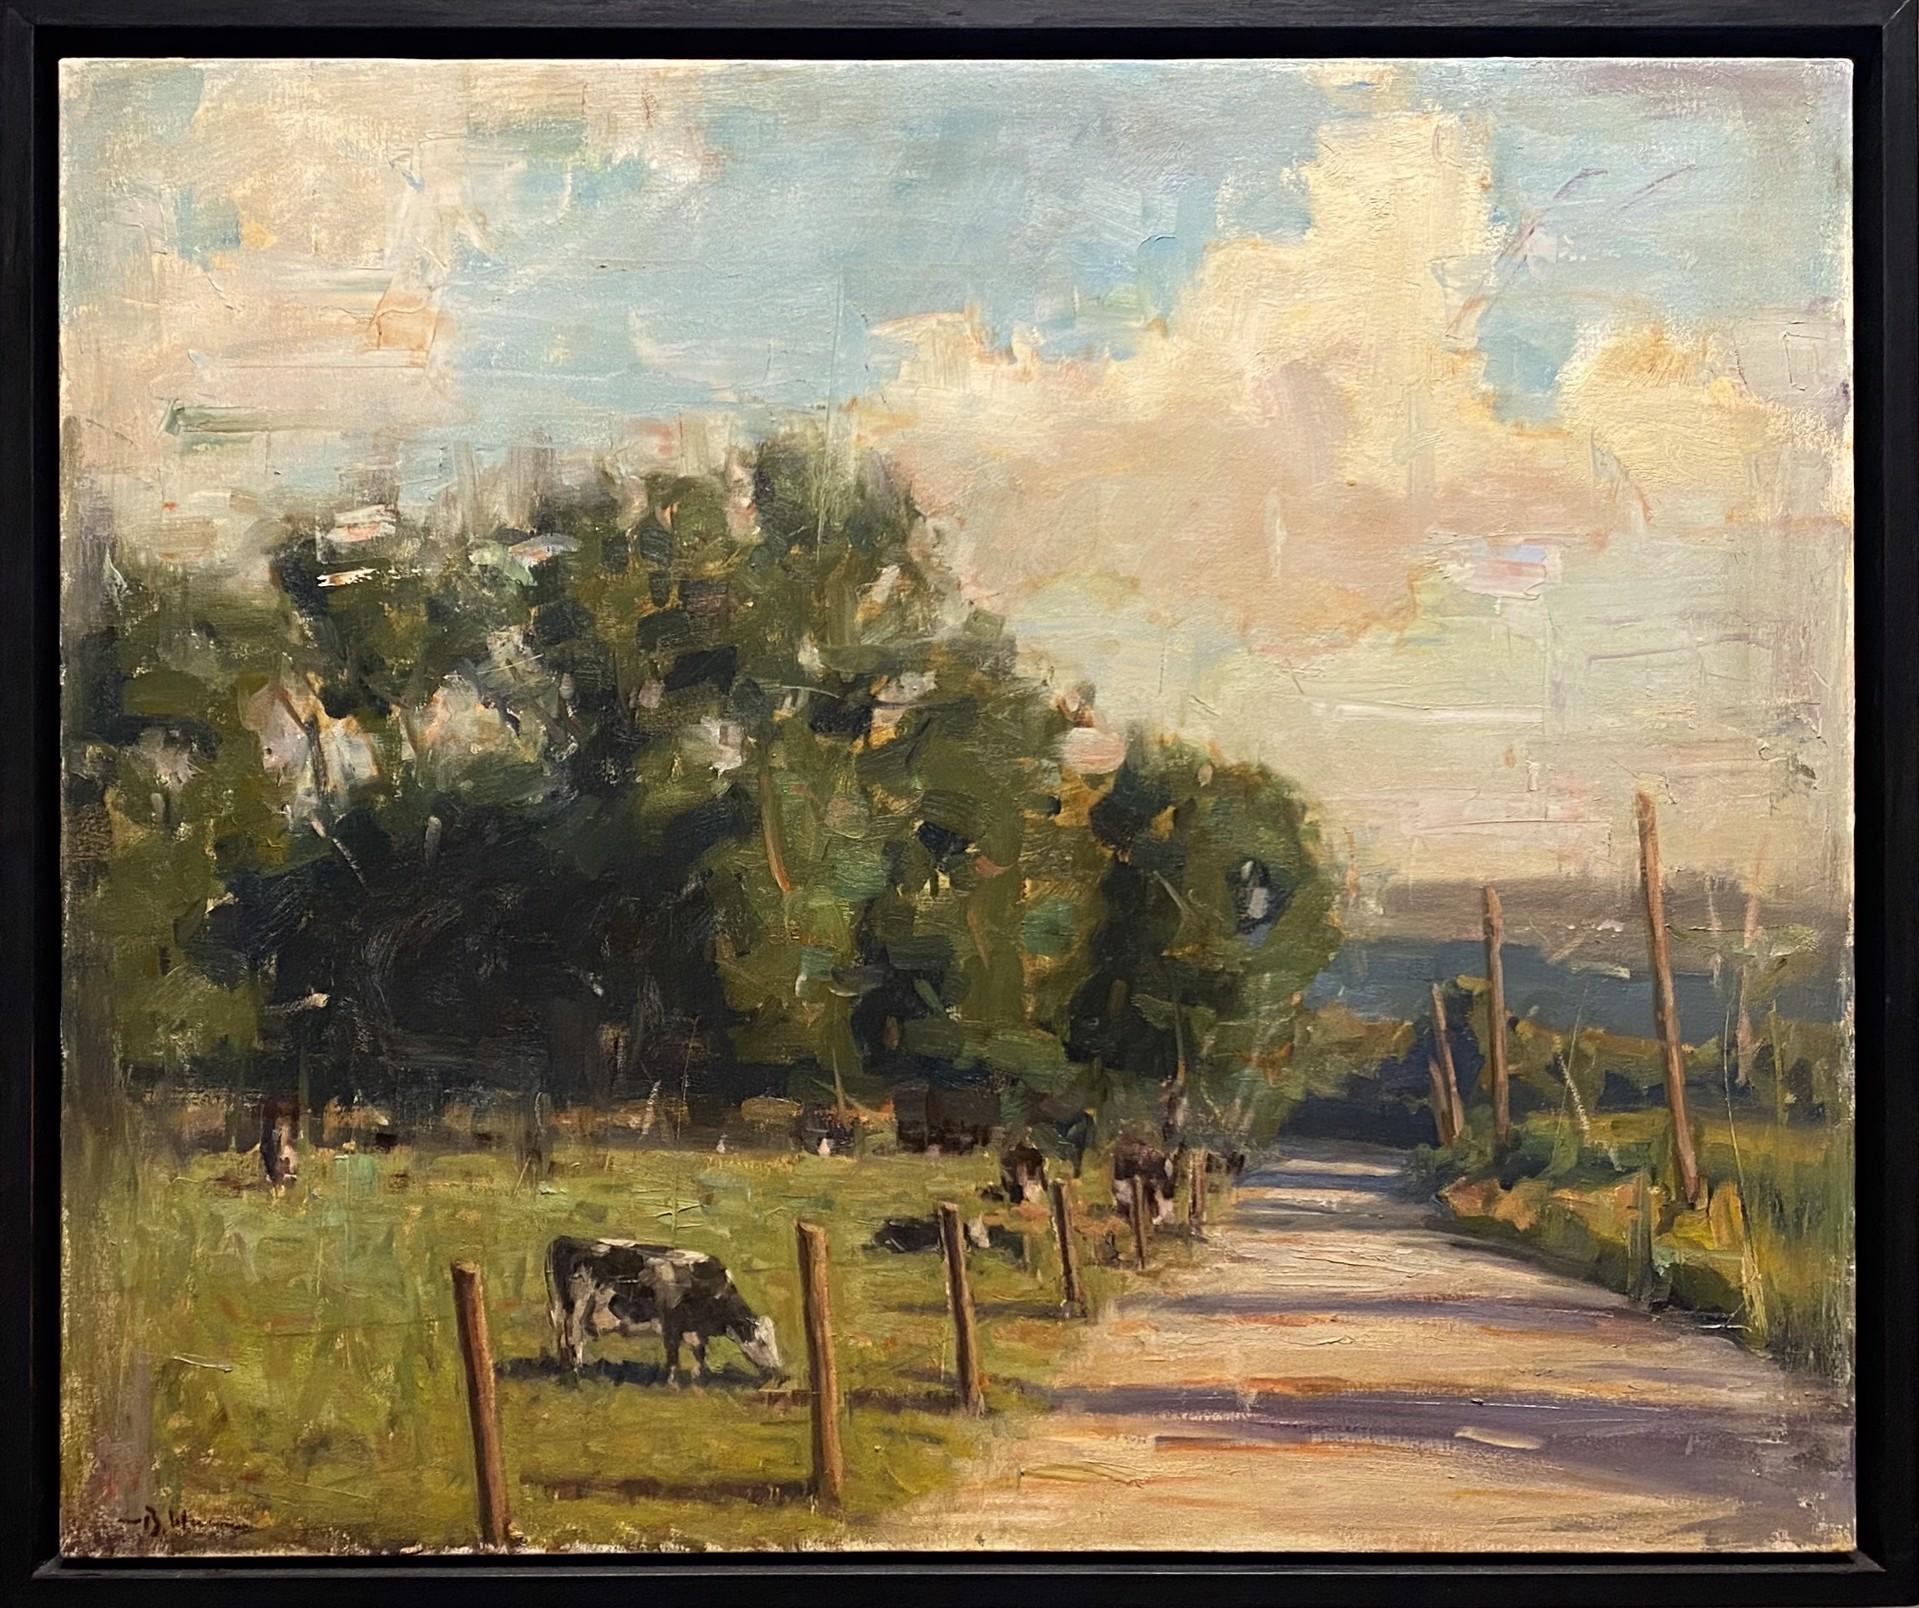 Along the way by Brett Weaver